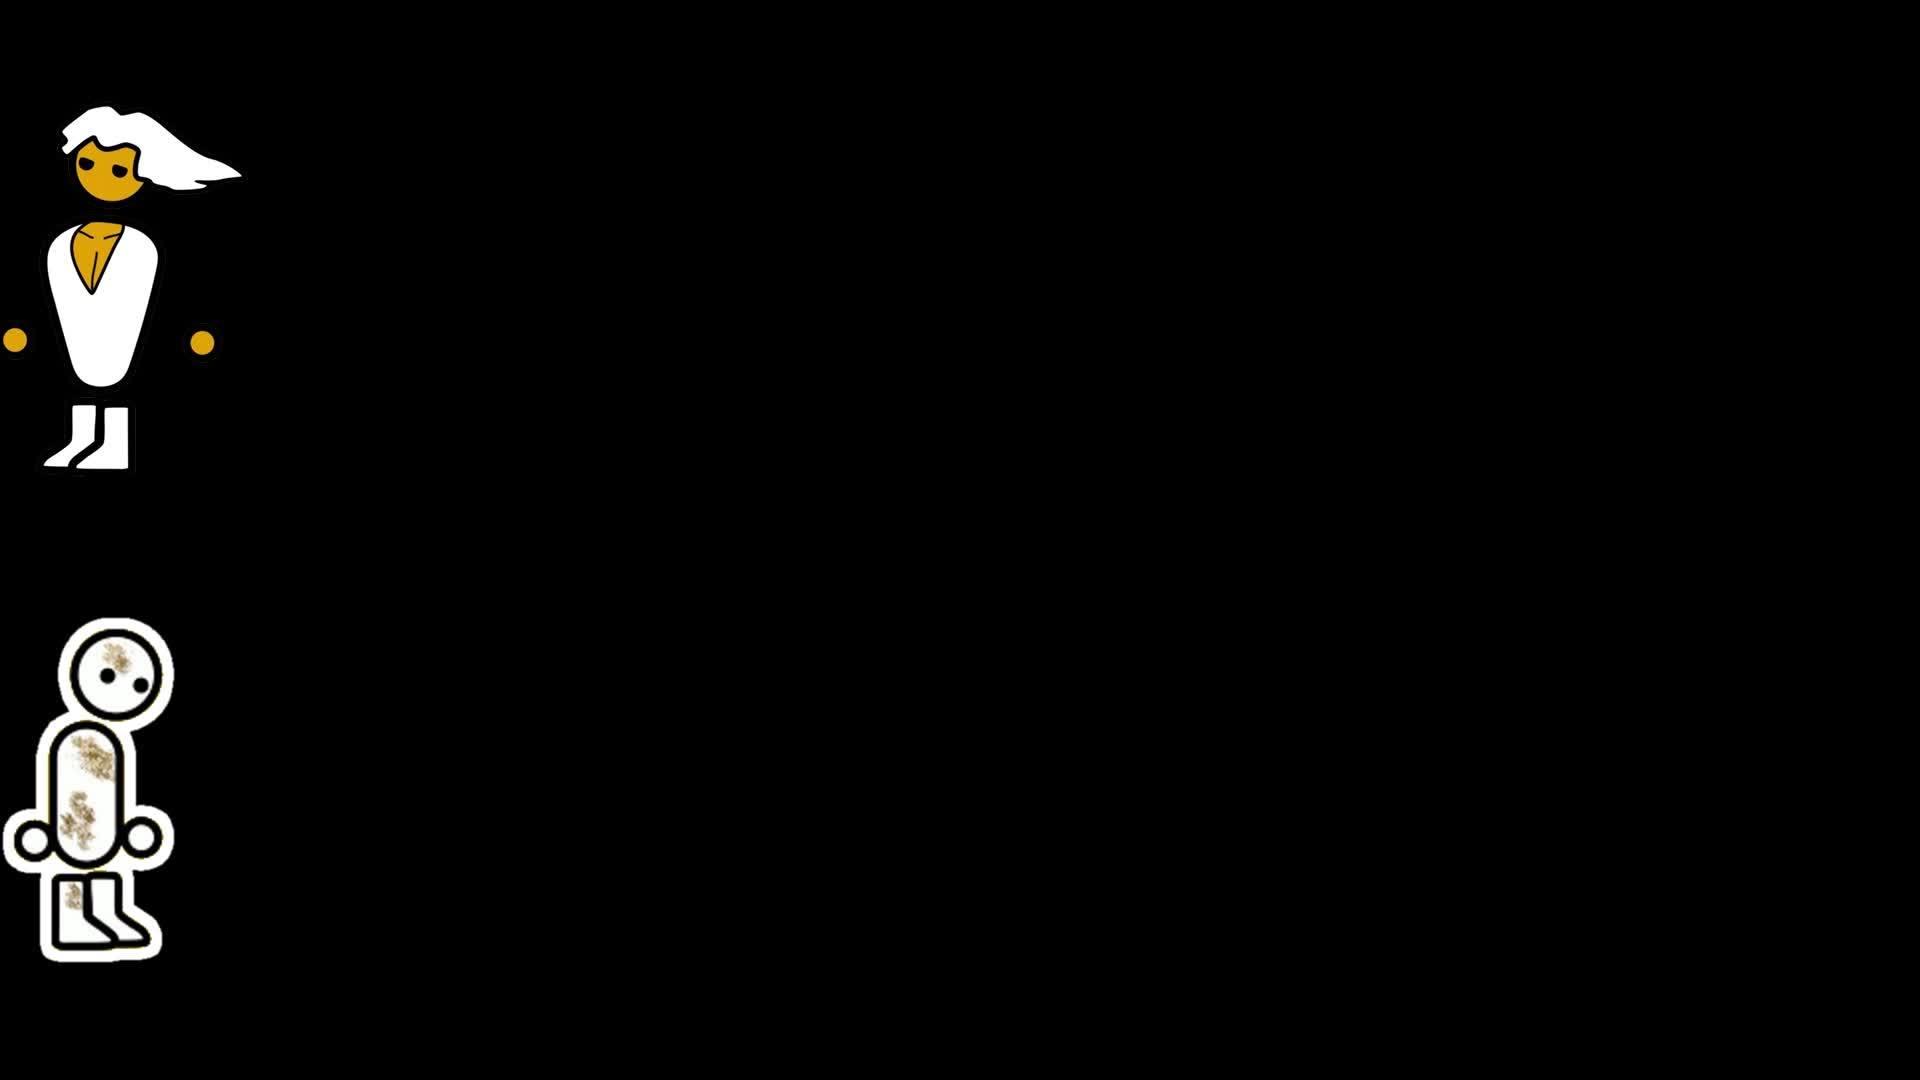 pcmasterrace, pcmasterrace GIFs